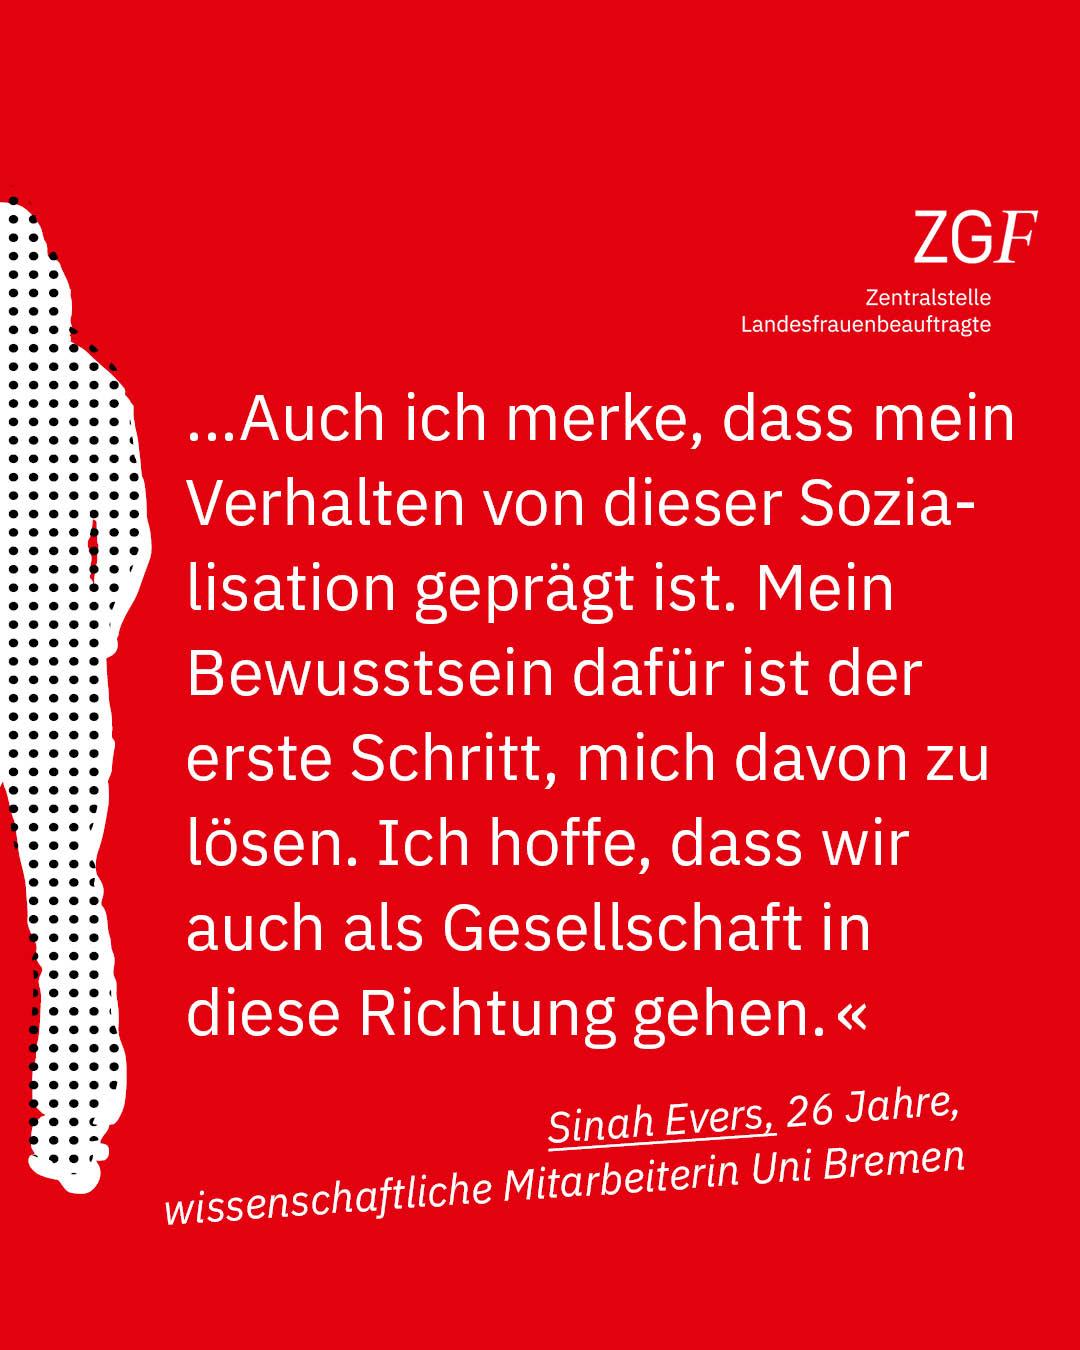 Statement 40 Jahre Gleichberechtigung, Sinah Evers, wissenschaftliche Mitarbeiterin Uni Bremen